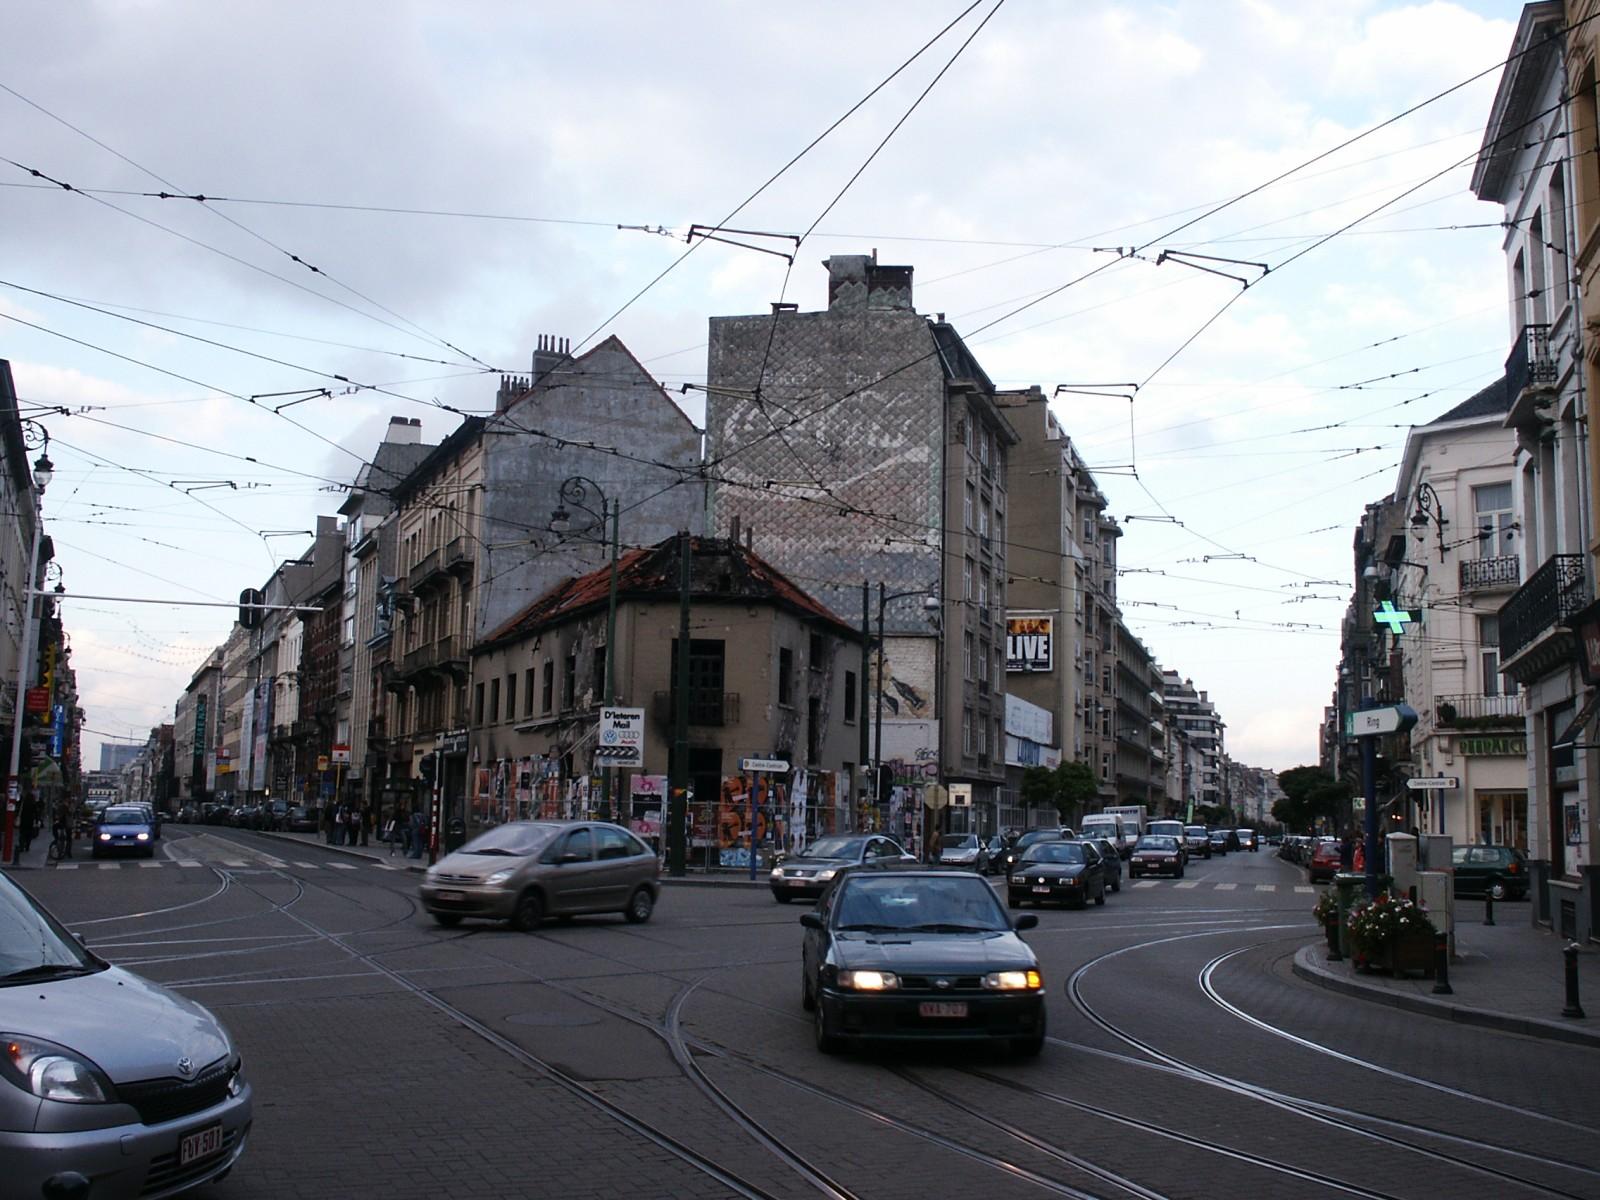 Vue de la place Paul Janson vers la chaussée de Charleroi et la rue Defacqz., 2004